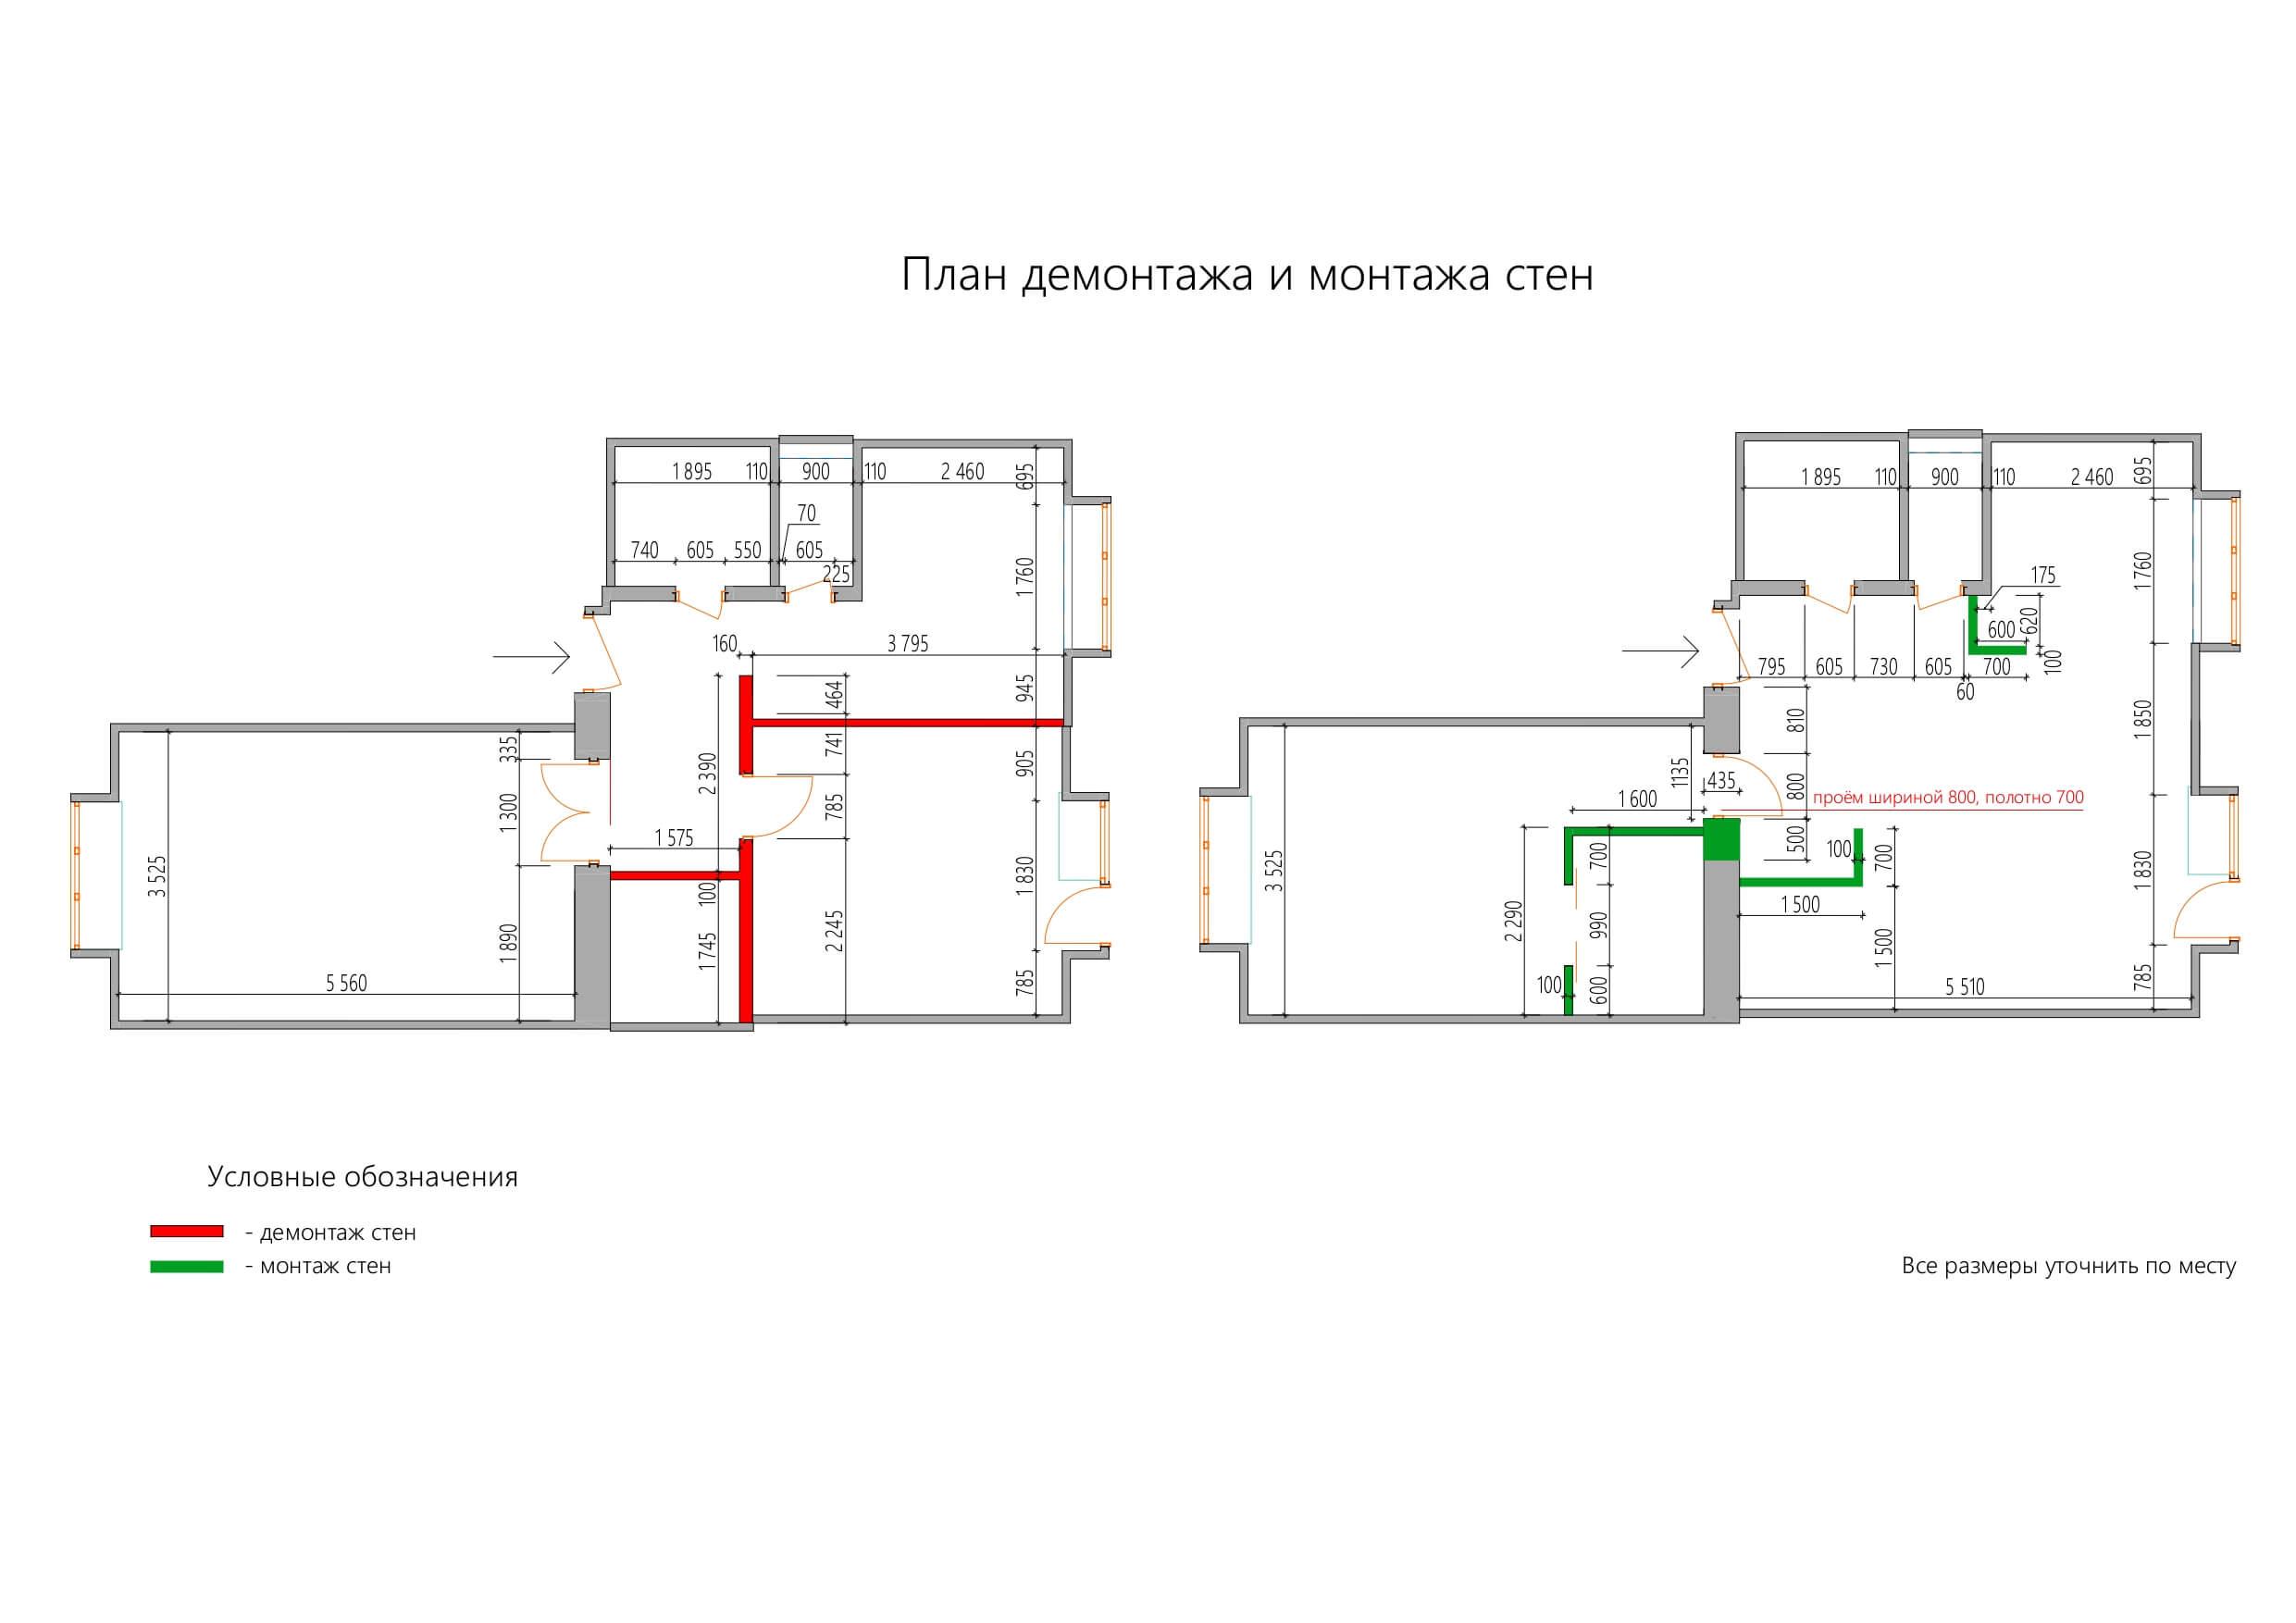 1-А3 План монтажа и демонтажа стен_page-0001